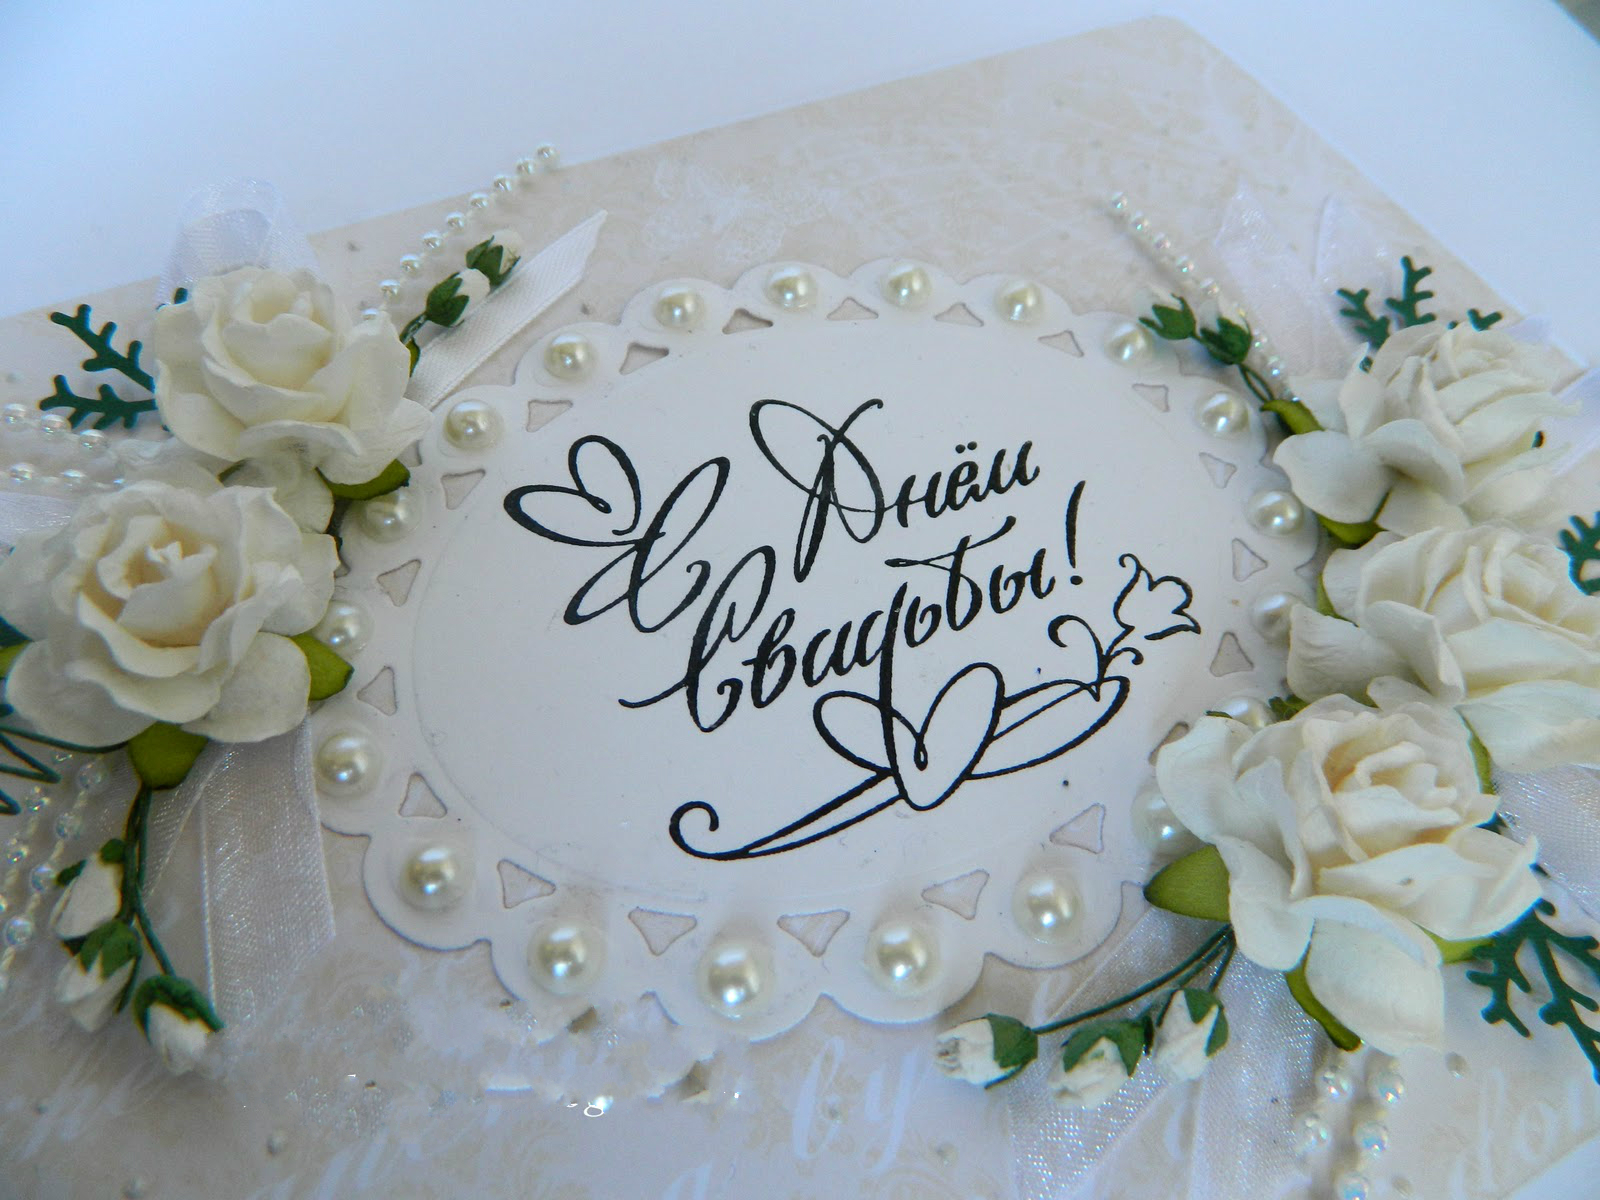 Поздравительные открытки с днем свадьбы молодоженам, картинки все